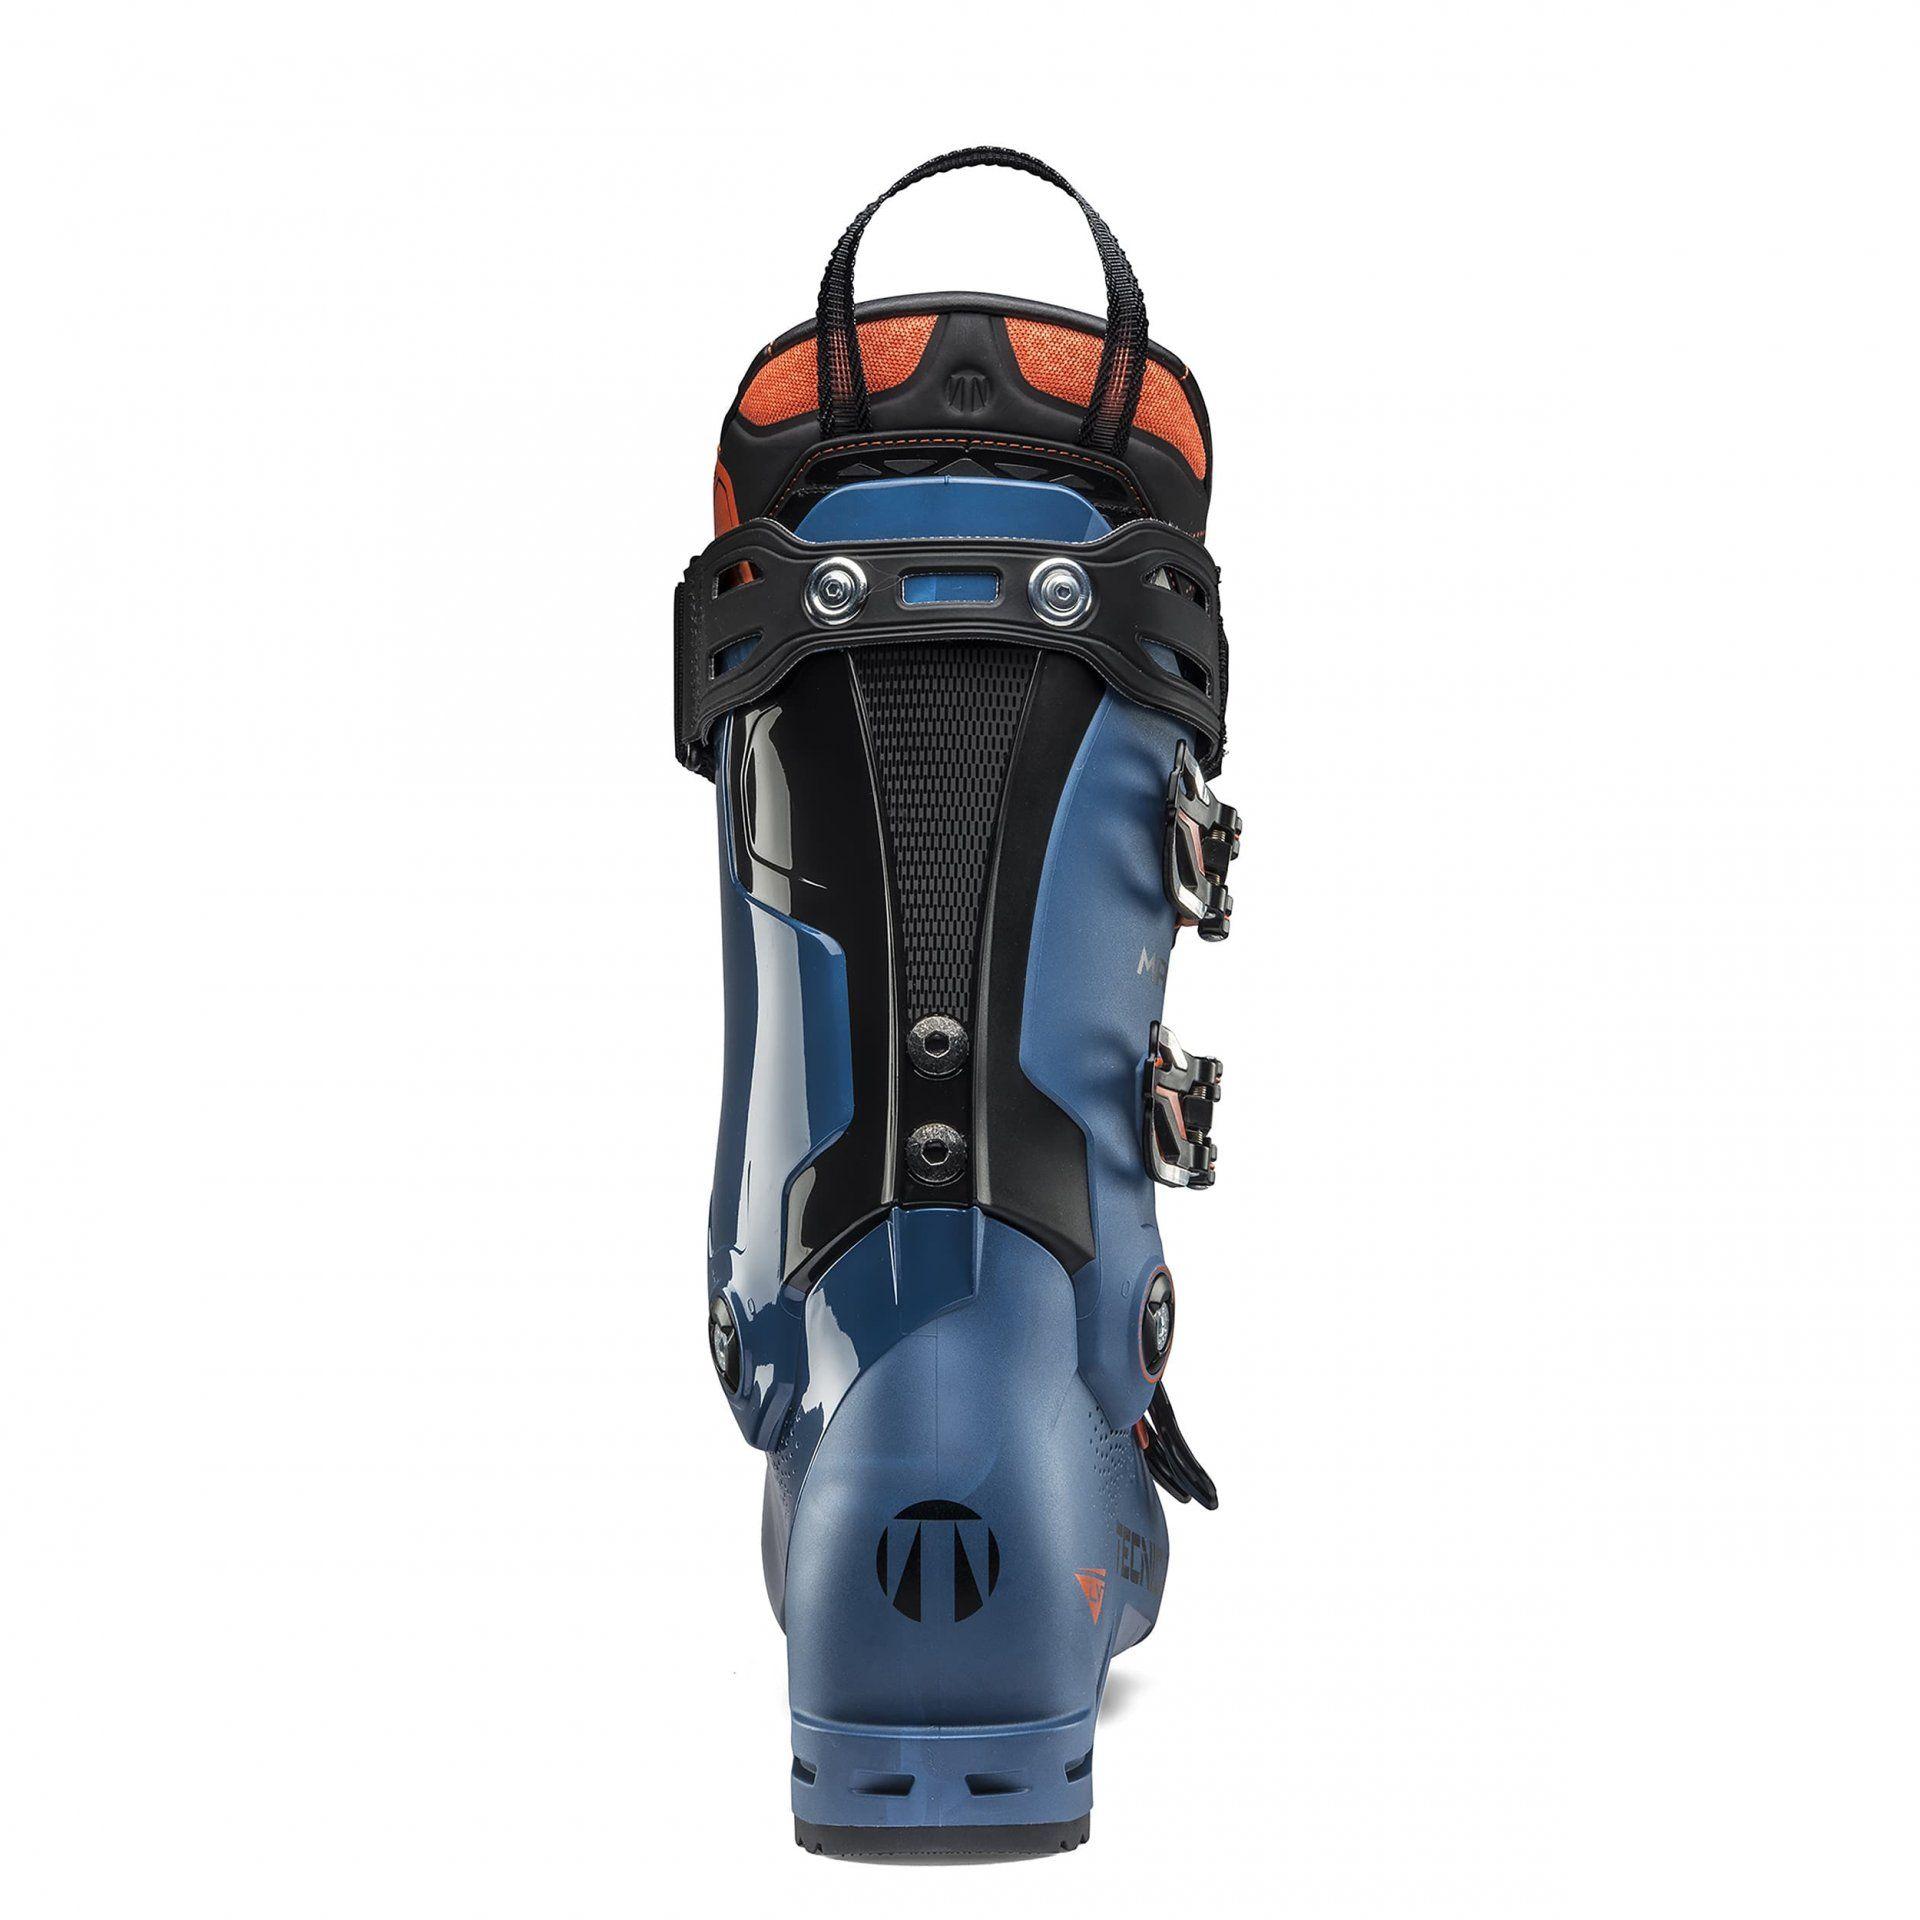 BUTY NARCIARSKIE TECNICA MACH1 LV 120 DARK BLUE 2